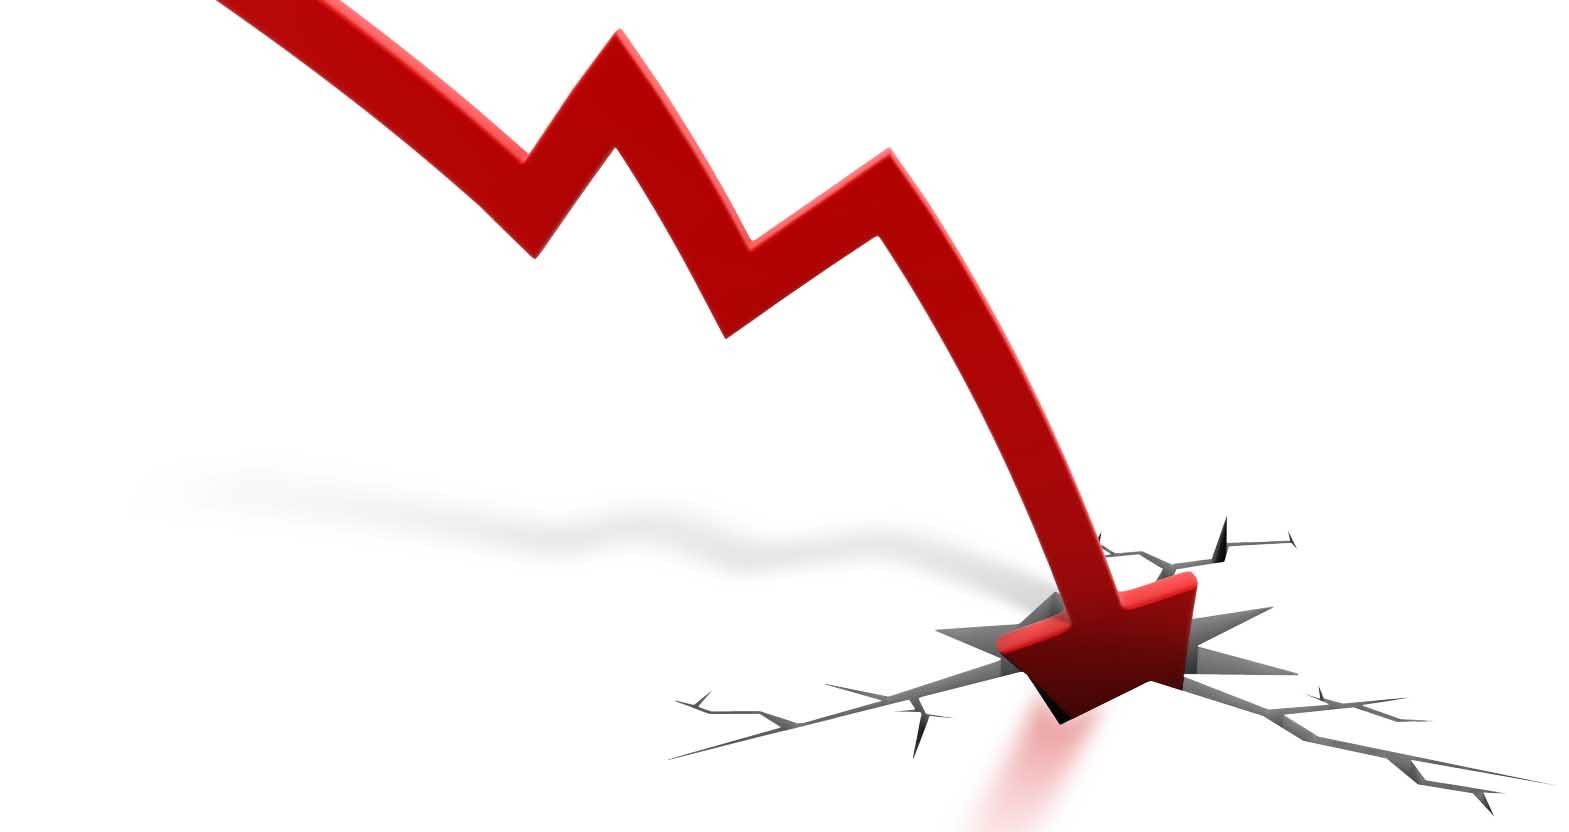 imprese attive rallenta il manifatturiero economia dell'emilia romagna centro studi confindustria industria in veneto